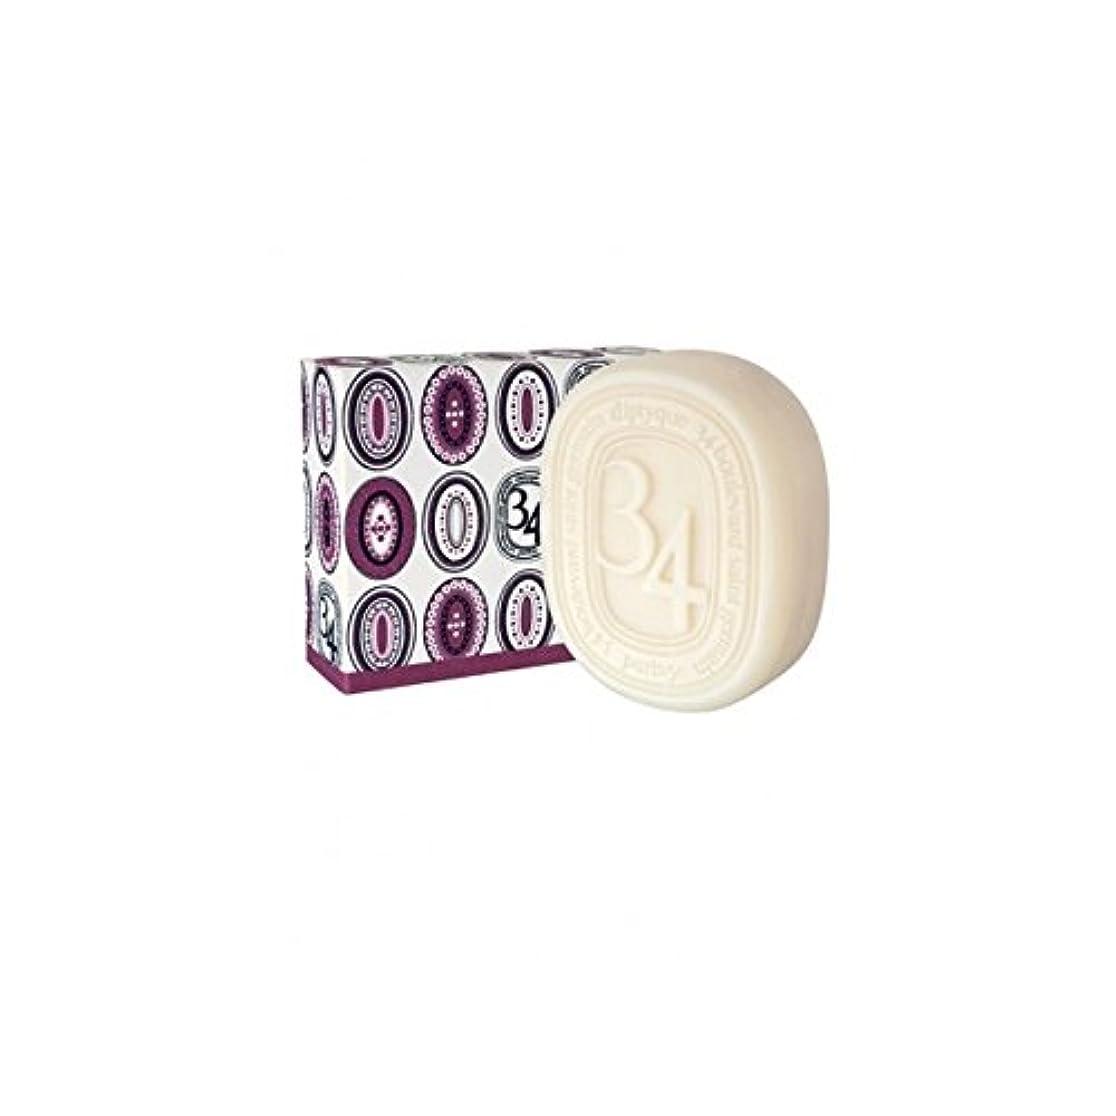 むき出し山積みの死ぬDiptyque Collection 34 Boulevard Saint Germain Soap 100g (Pack of 2) - Diptyqueコレクション34大通りサンジェルマン石鹸100グラム (x2)...